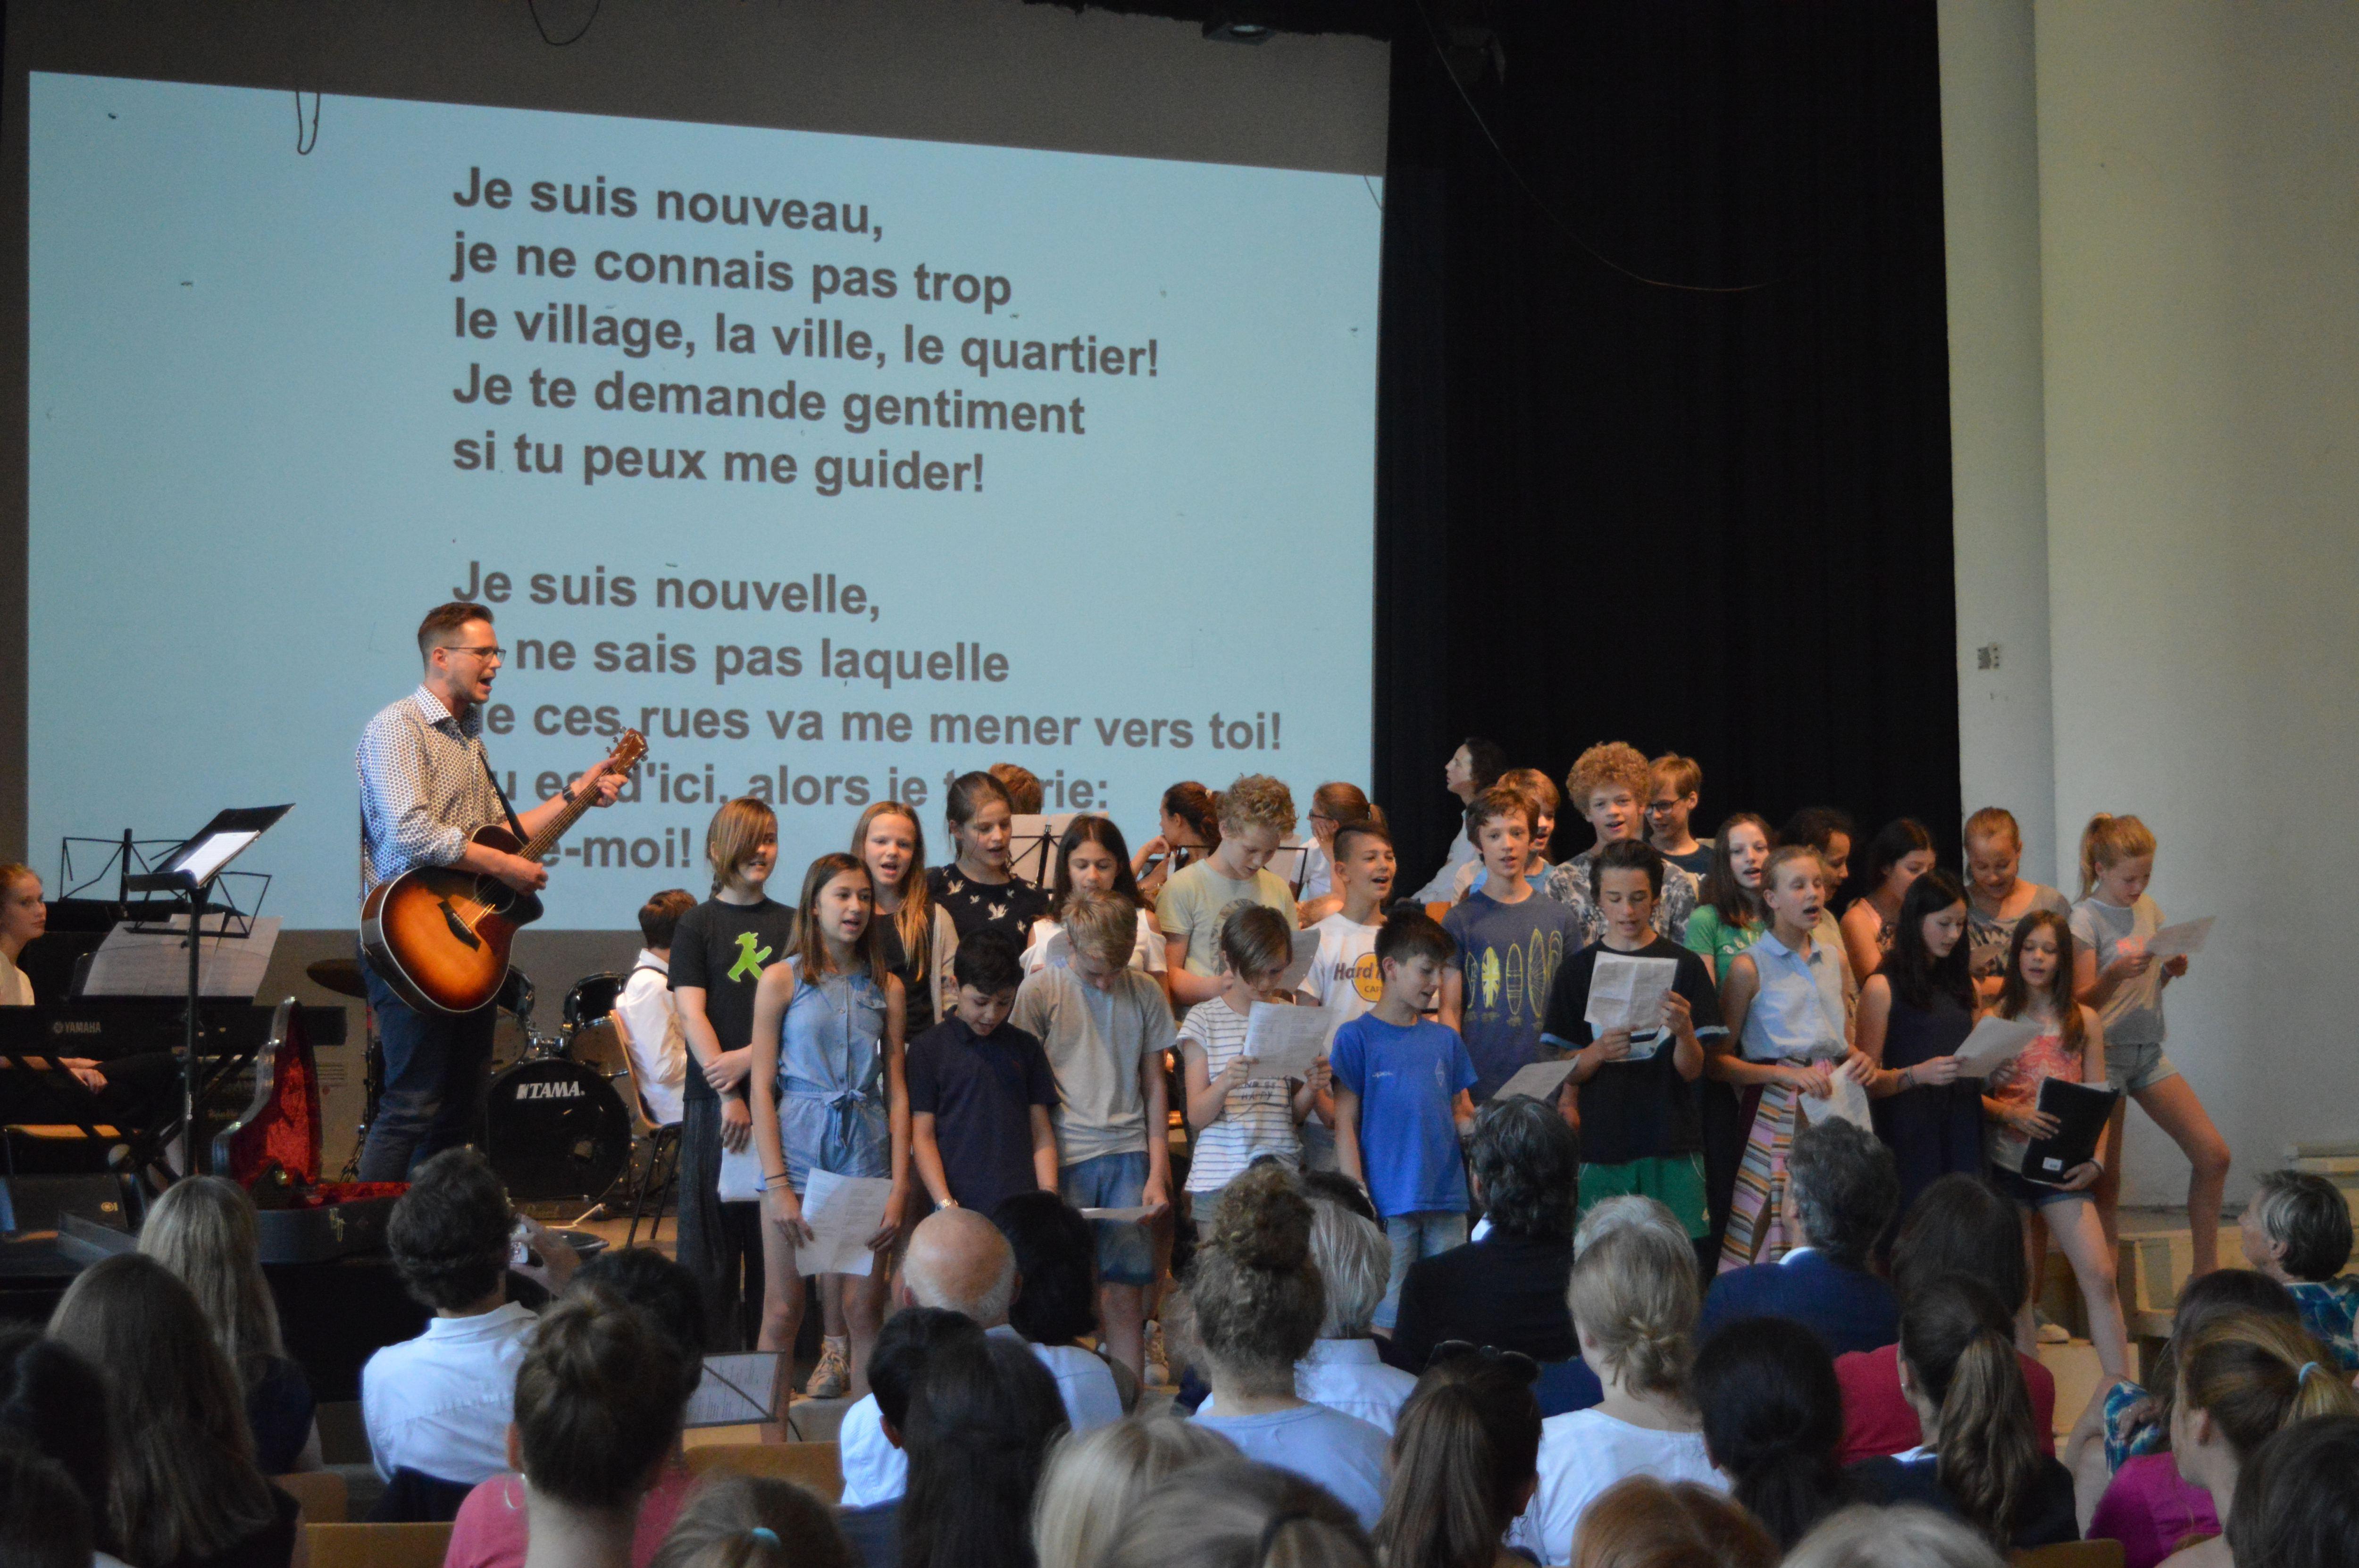 In einem Festakt des Emilie-Wüstenfeld-Gymnasiums wurde die 20-jährige Partnerschaft mit dem Collège Emile Zola in Rouen gefeiert. Foto: Margarita Ilieva